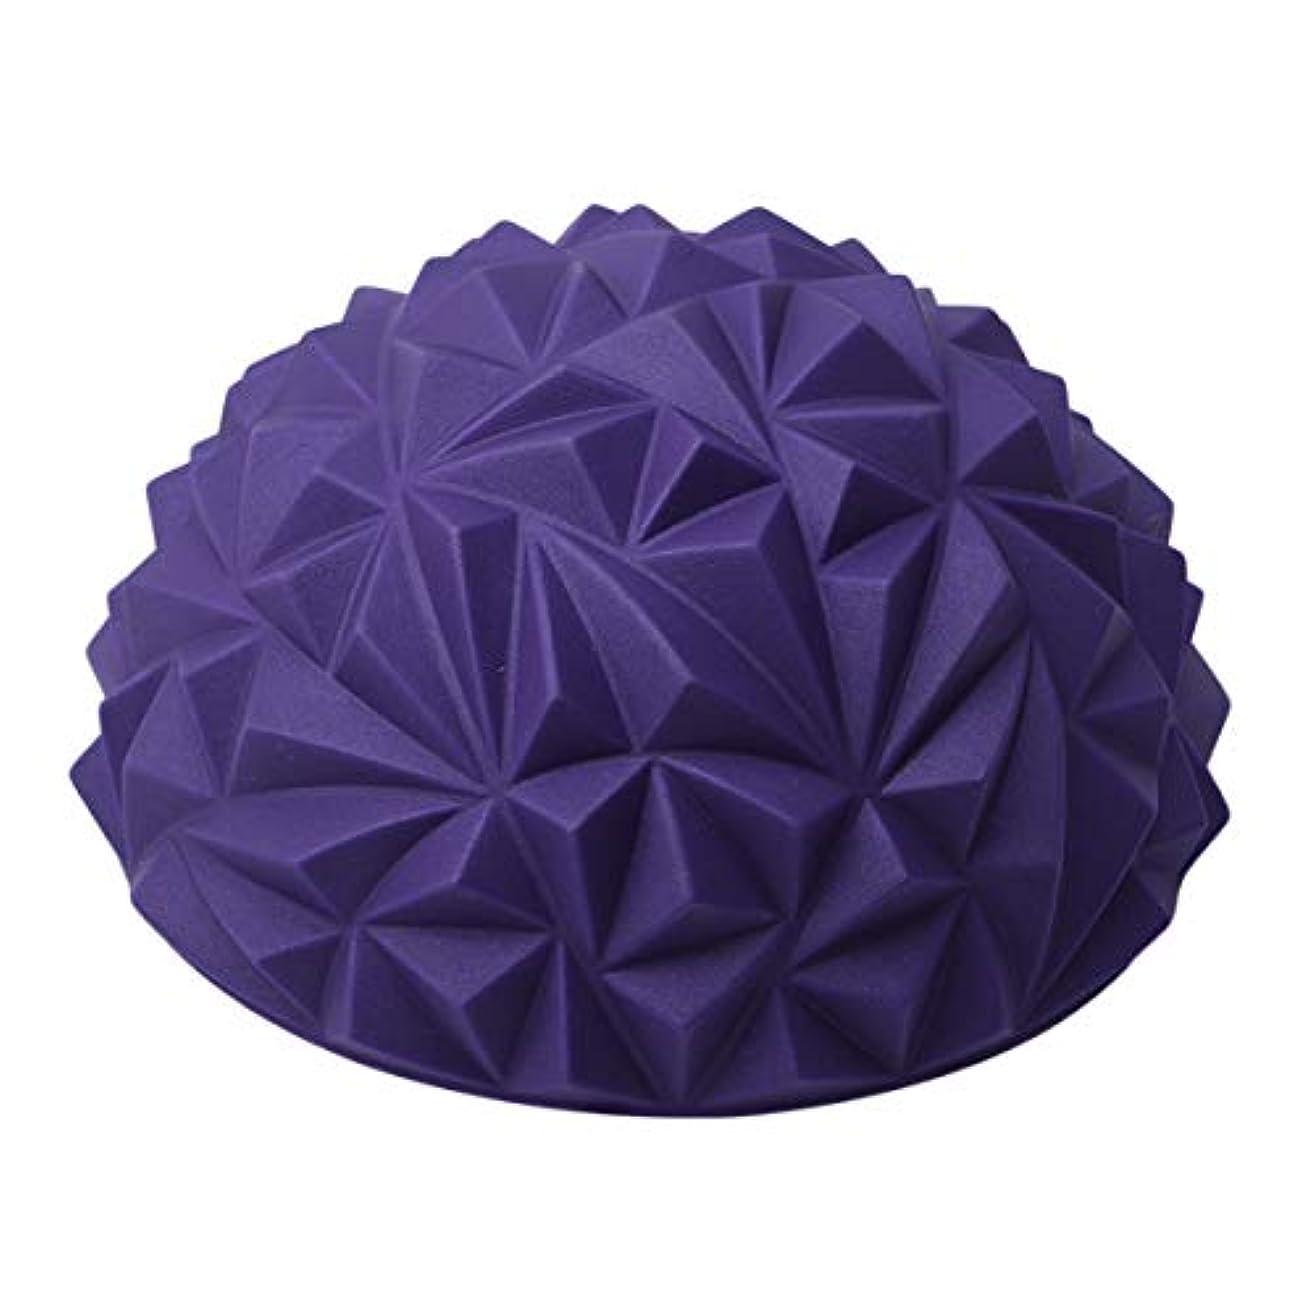 くそー貫入広告主Winwinfly 早期教育感覚バランストレーニングヨガフィットネス筋肉リラクゼーション半円形足マッサージボール,紫の